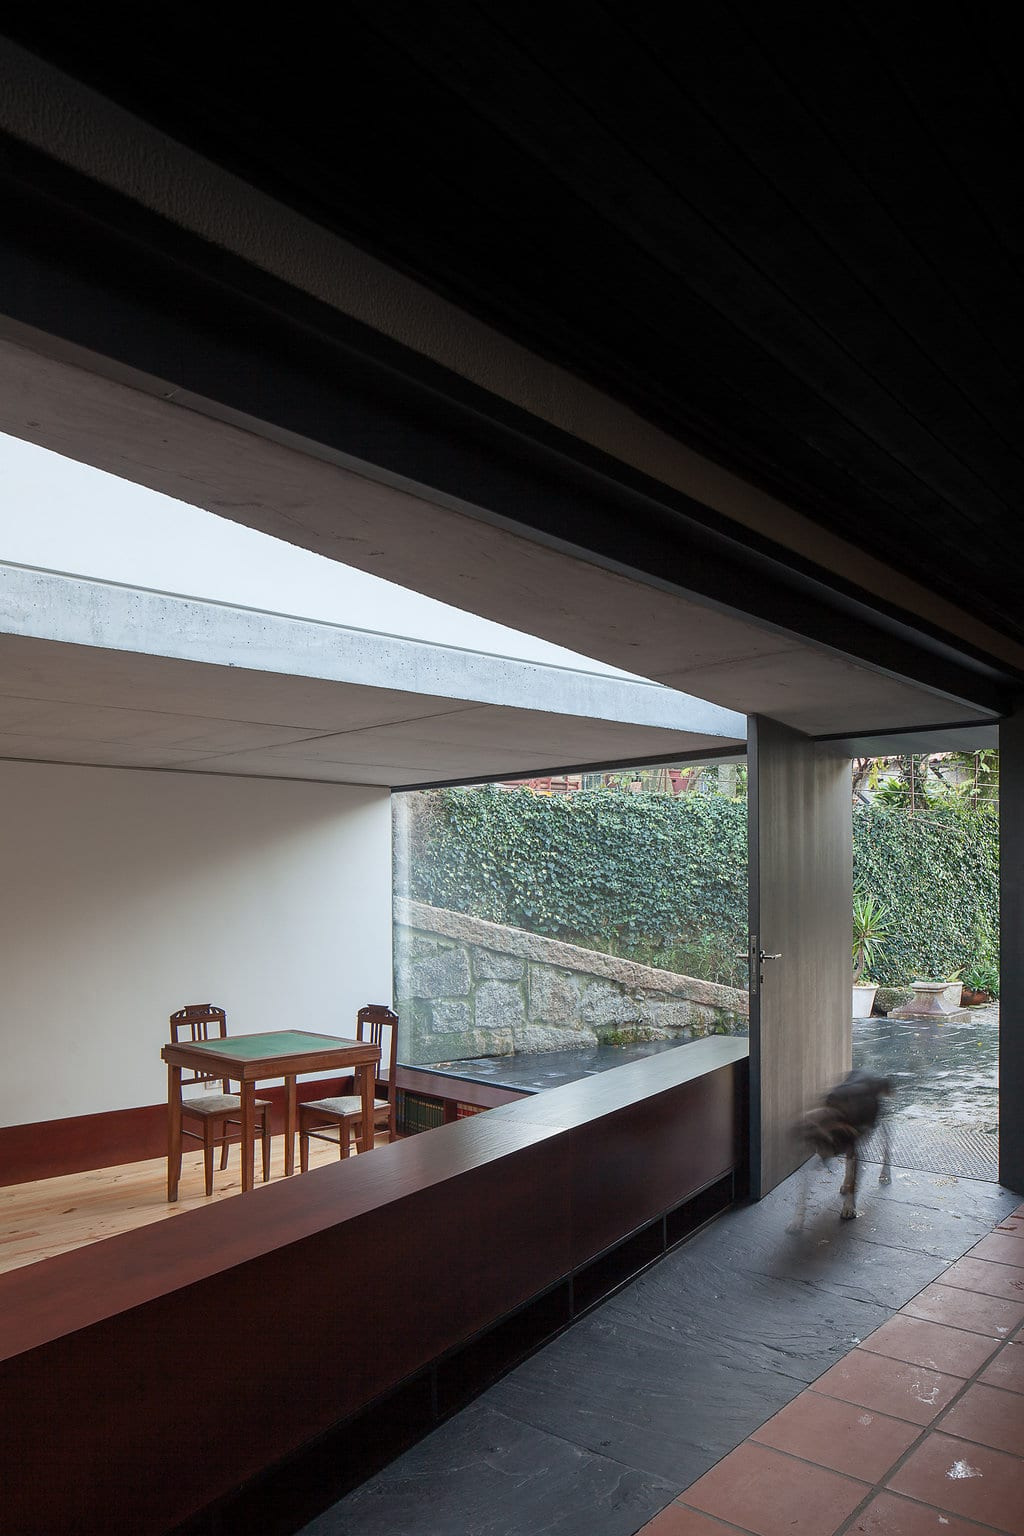 Sala em Pala by Nuno Melo Sousa   Yellowtrace